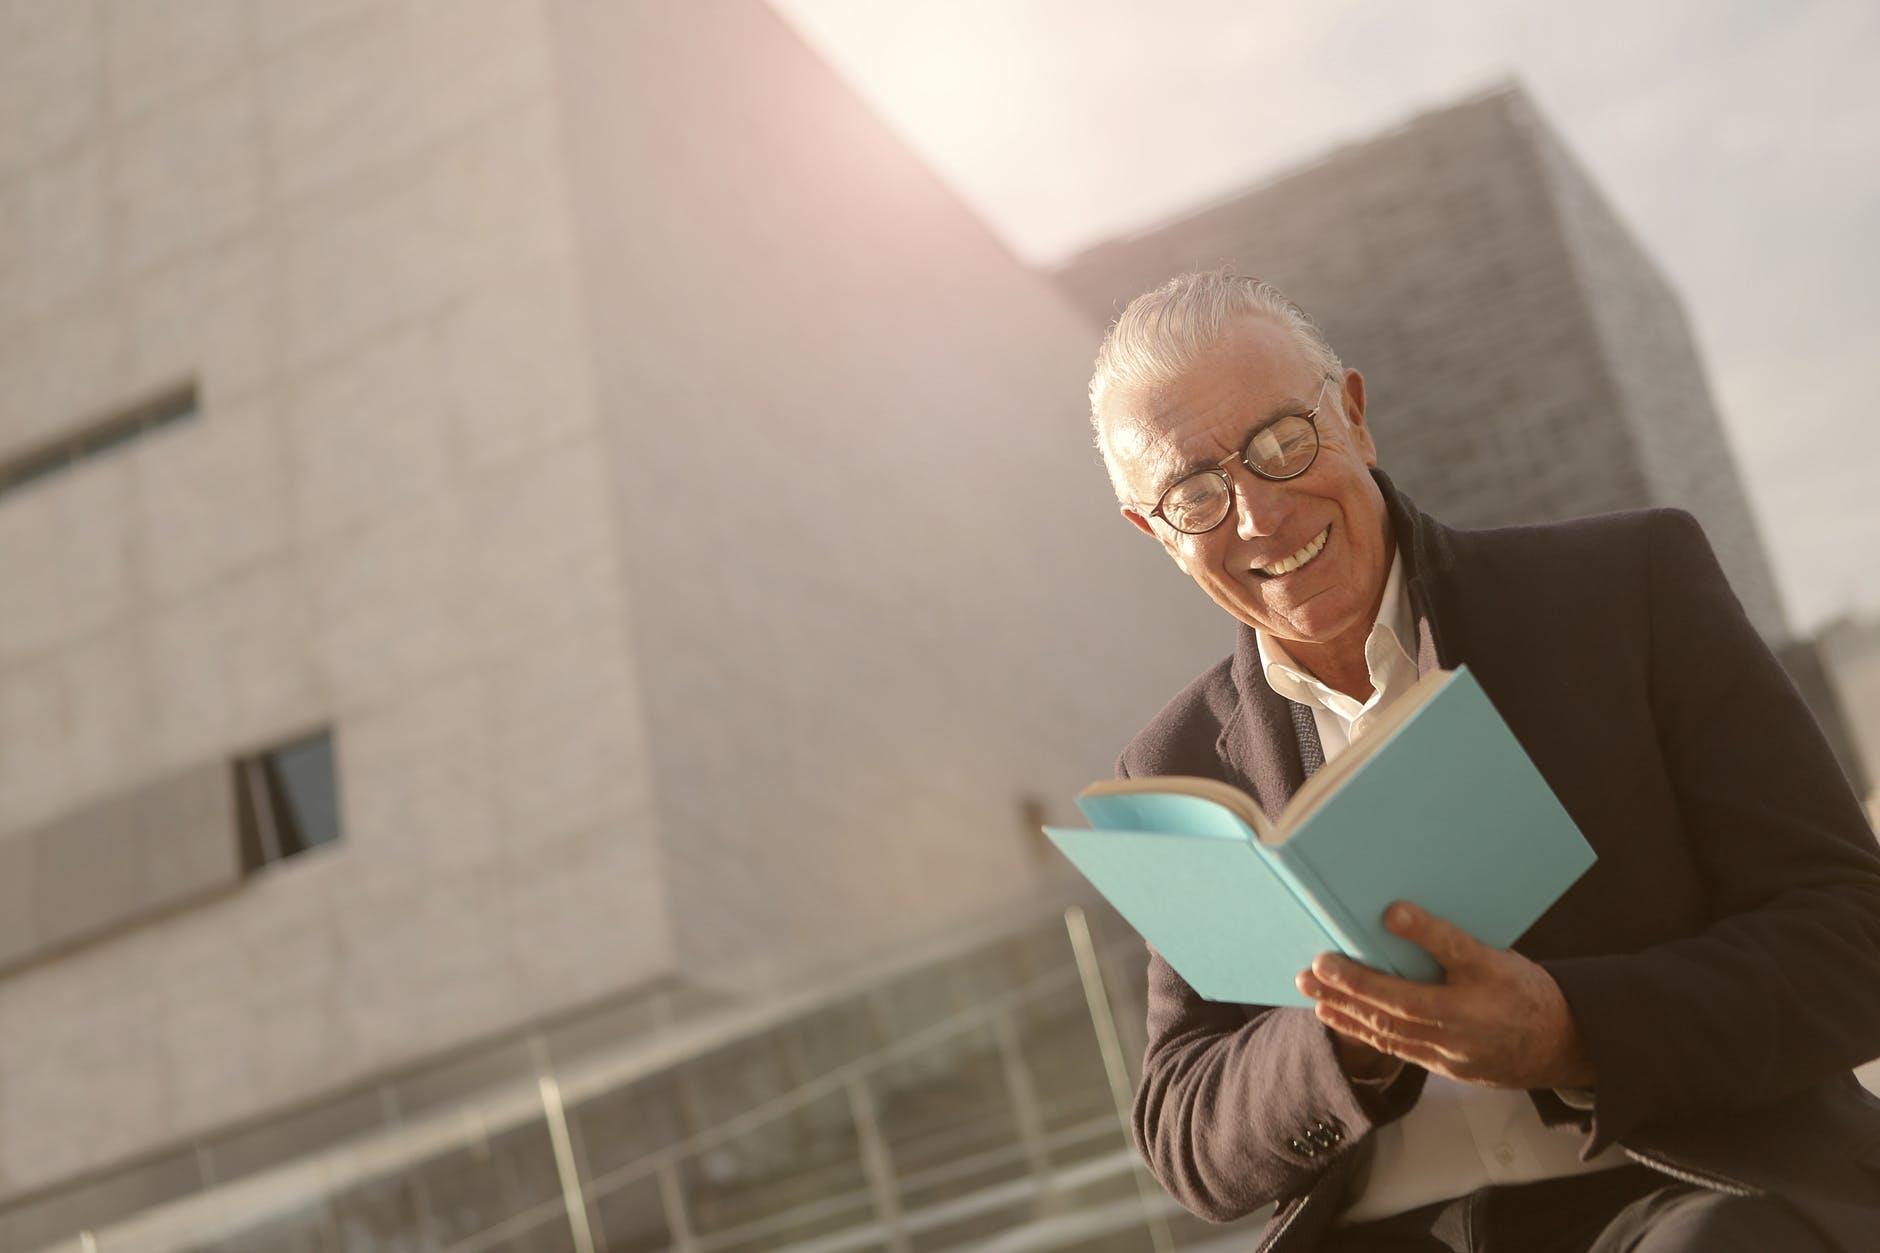 Kiên trì đọc sách trong thời gian dài sẽ khiến tâm tính bạn thay đổi như thế nào?